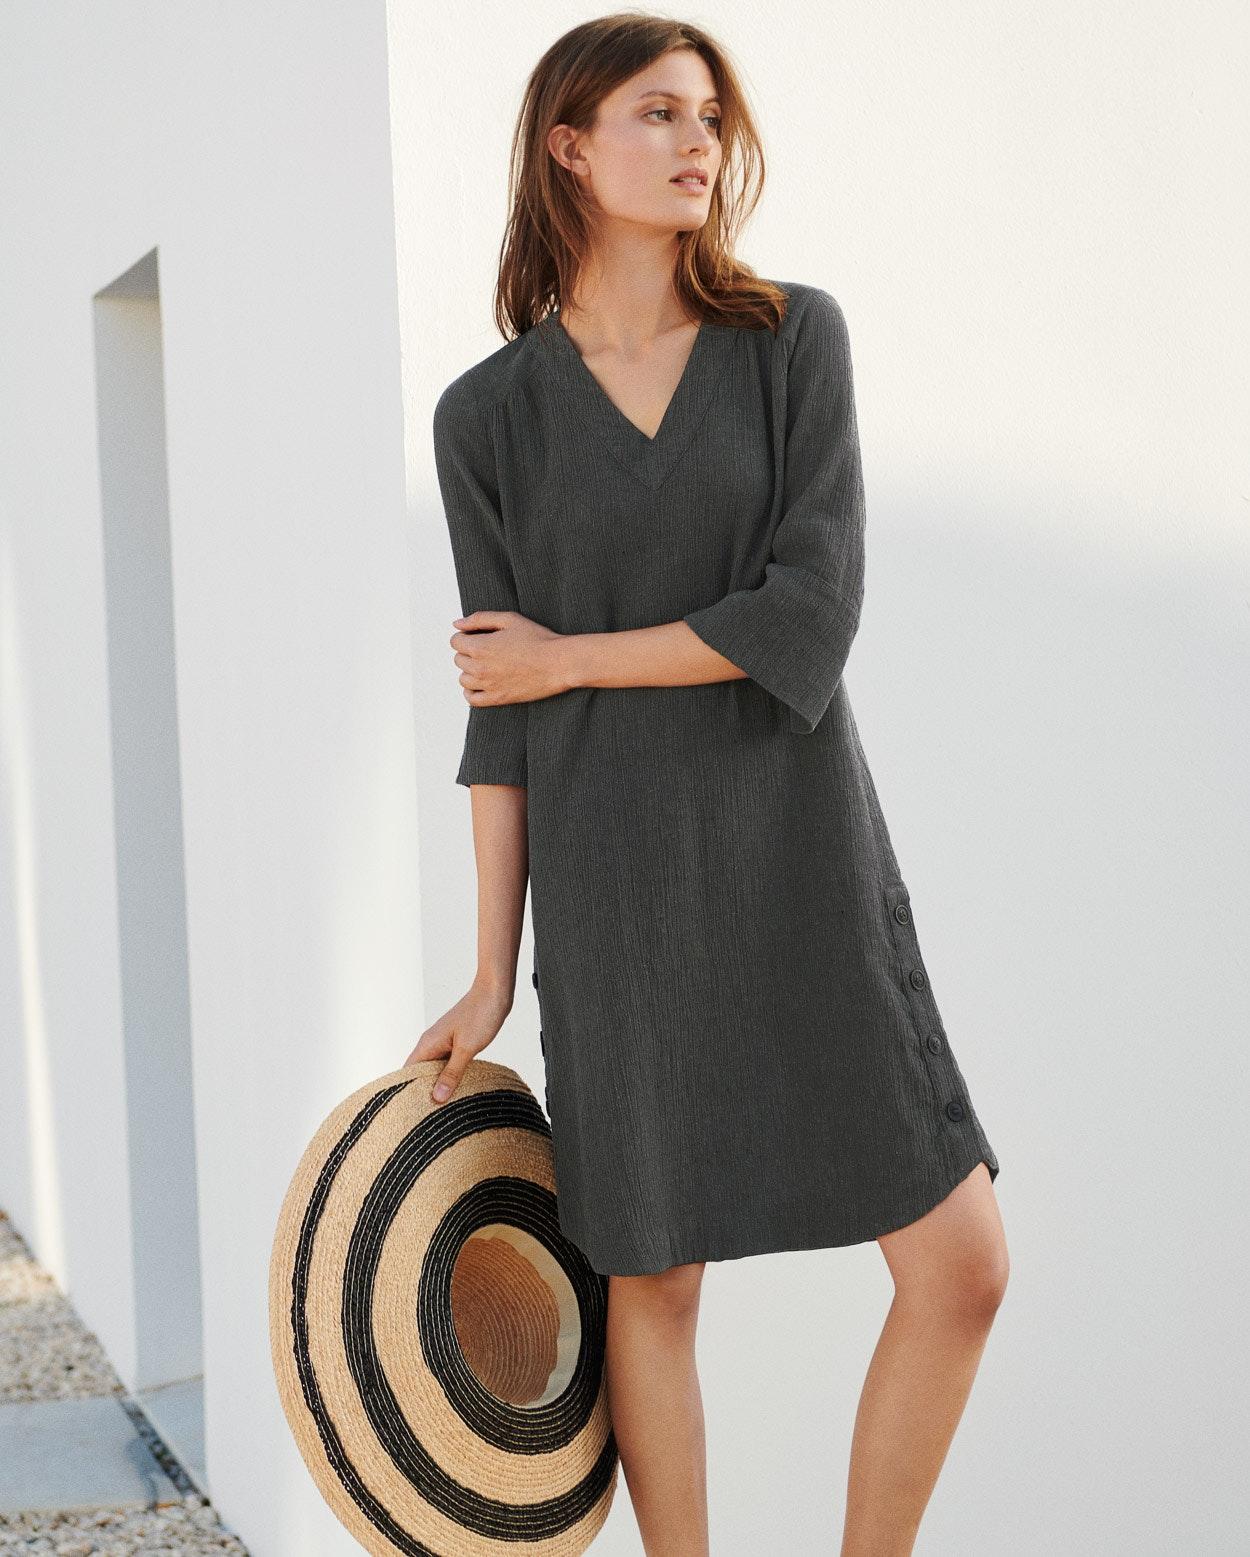 2f7caafe58 ... Product Image of V-neck crinkle linen dress ...